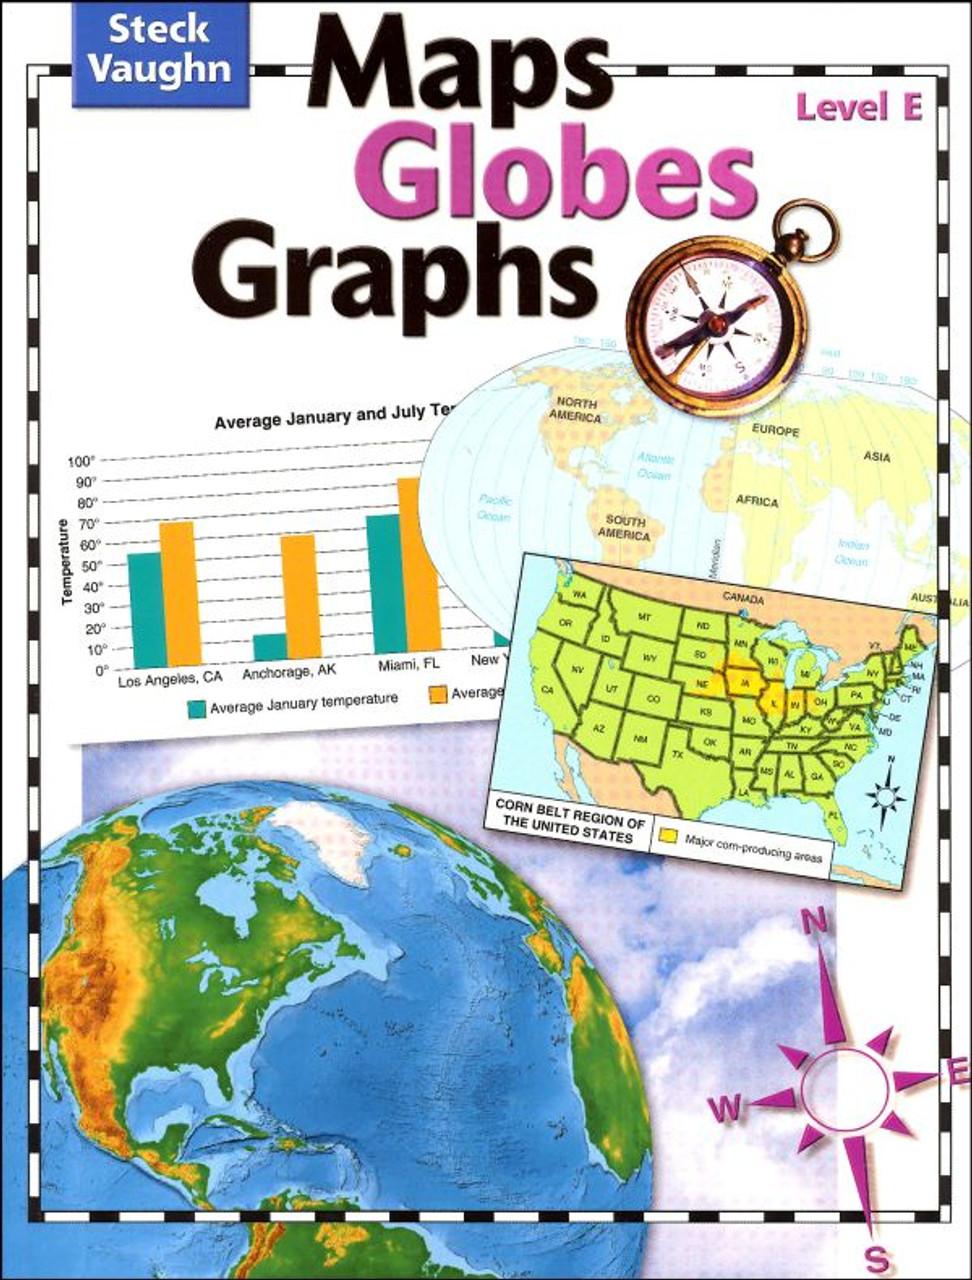 Maps Globes Graphs Level E Student Grade 5